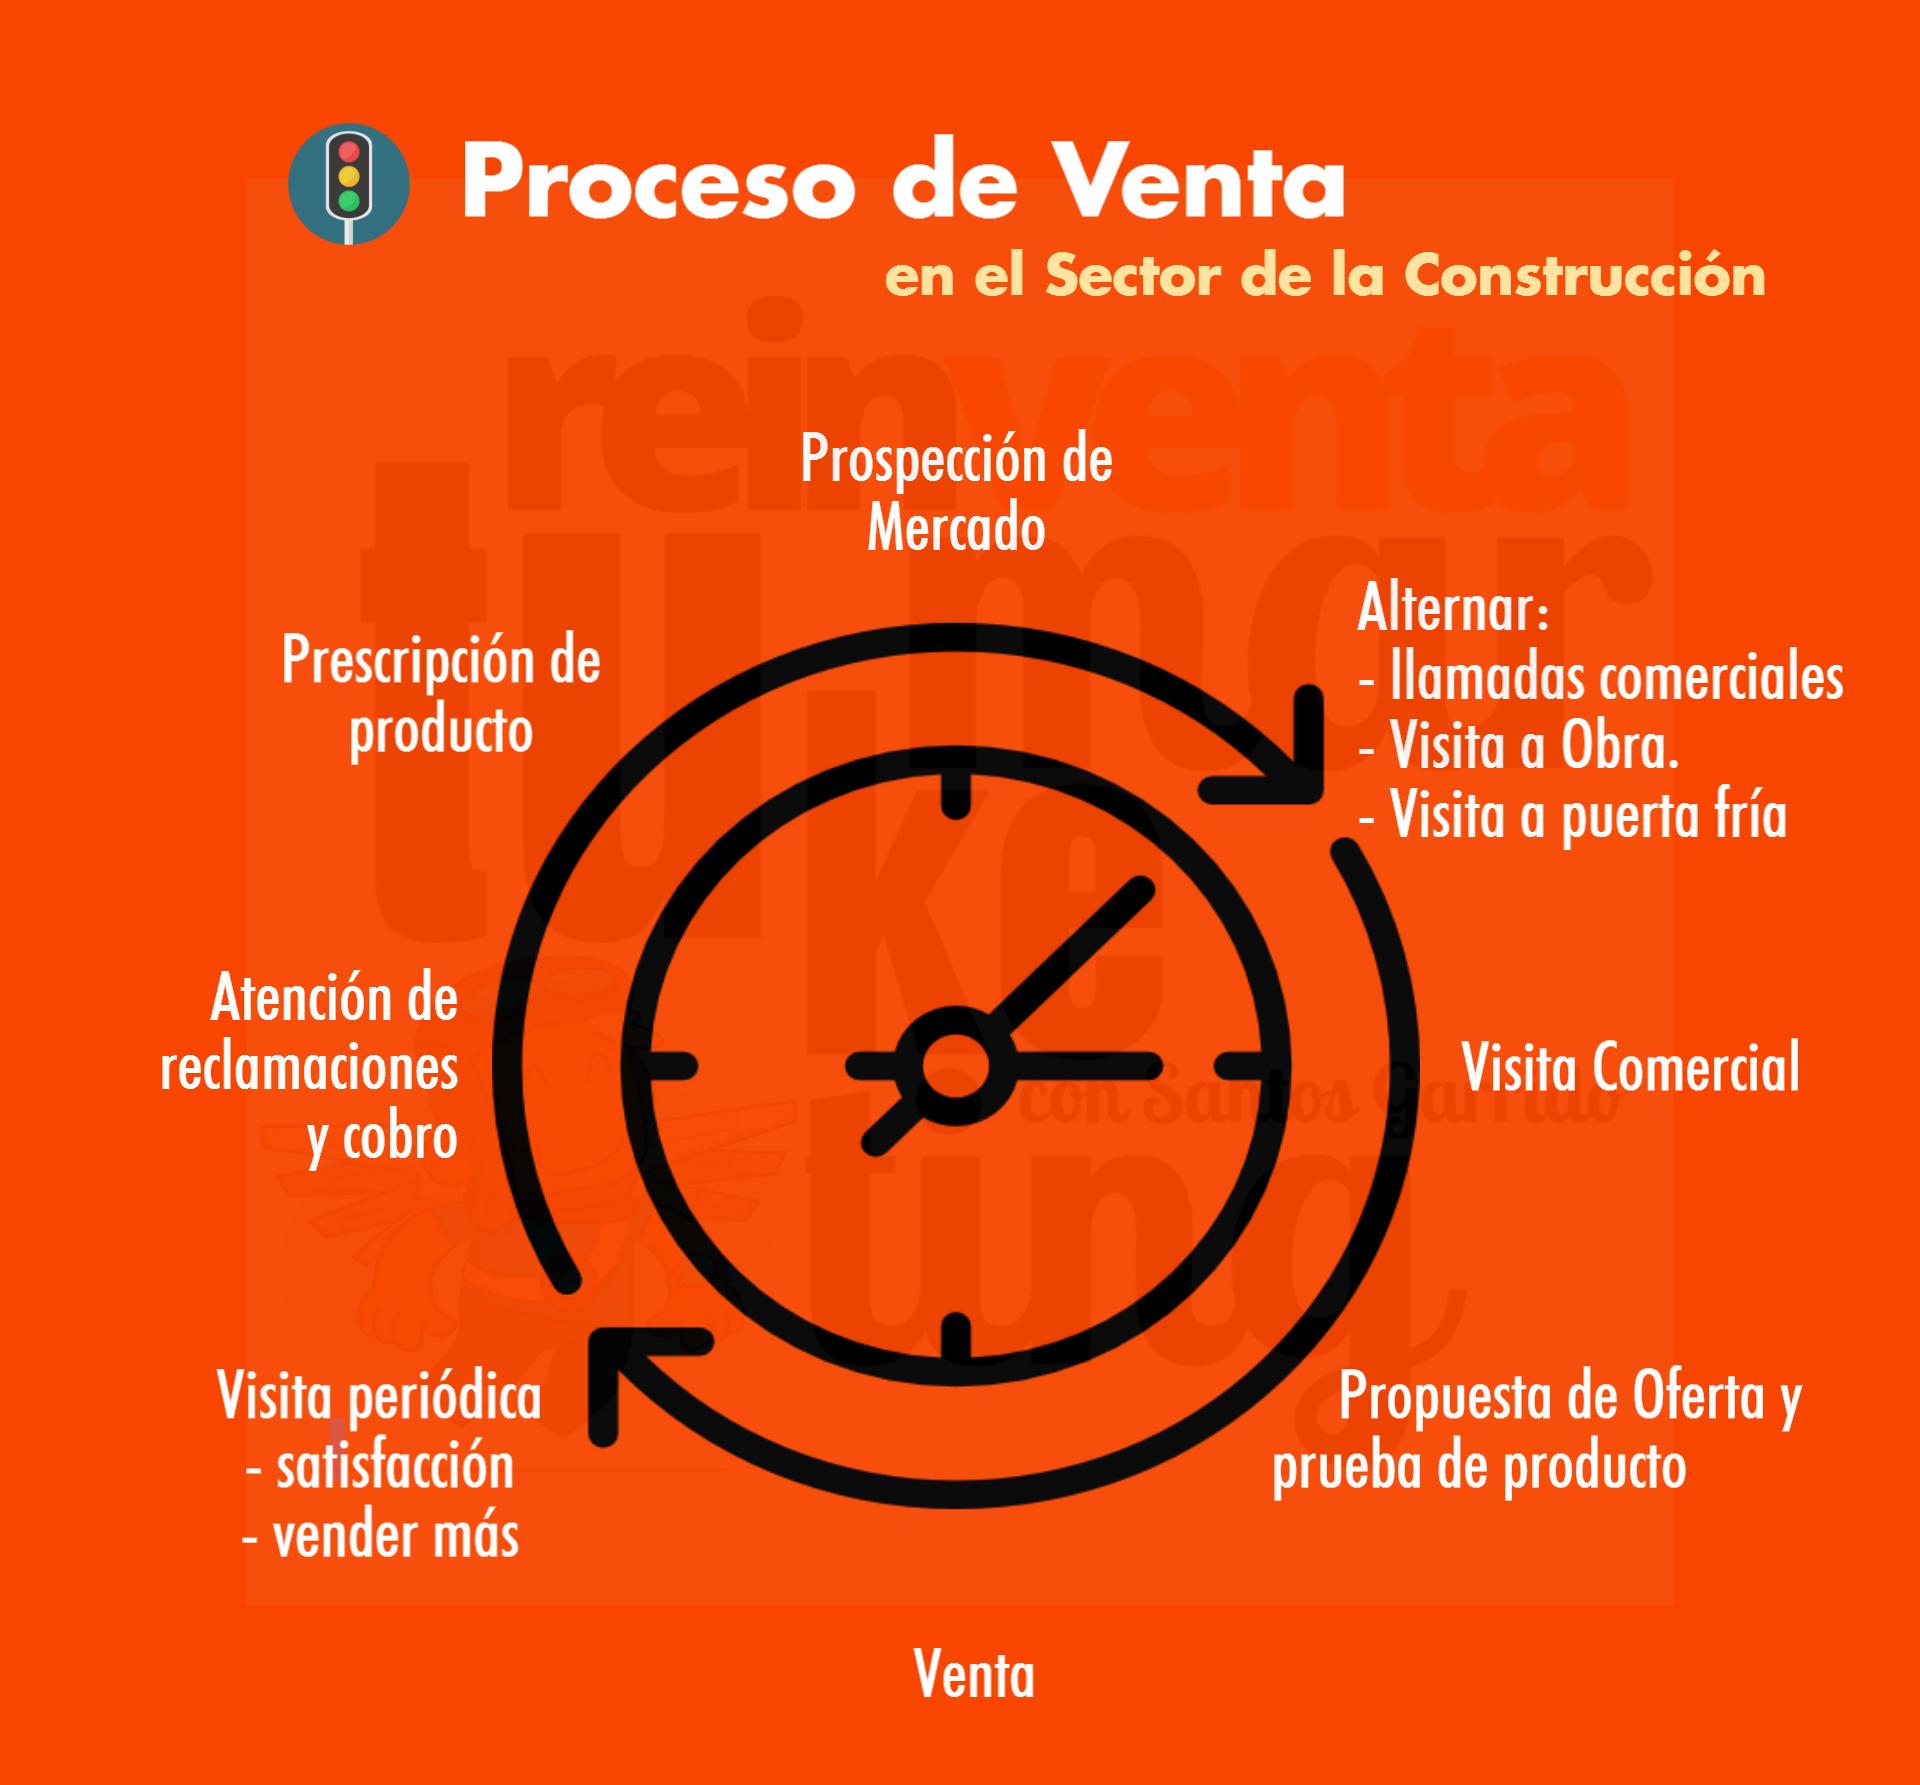 Proceso de Venta en el Sector Construcción